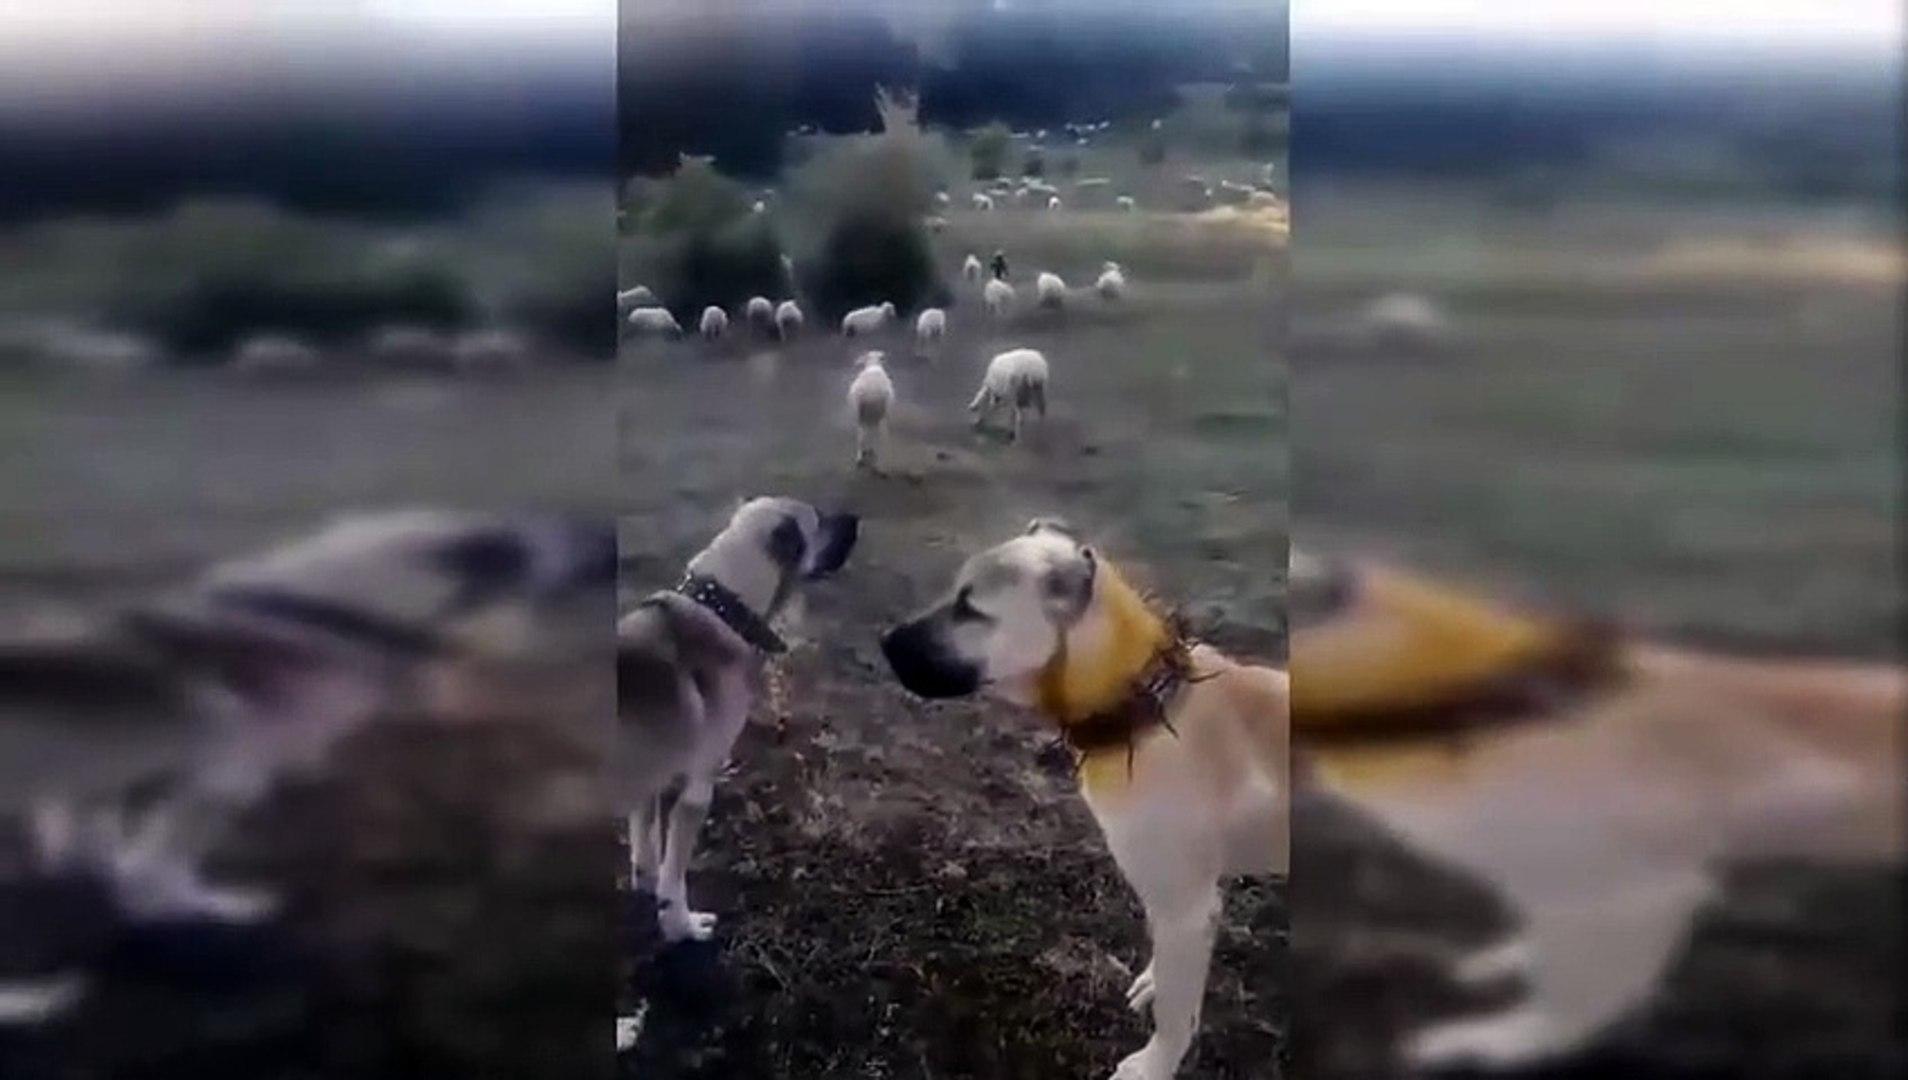 KURDA KARSI COBANIN SADIK DOSTLARI - ANATOLiAN SHEPHERD DOGS